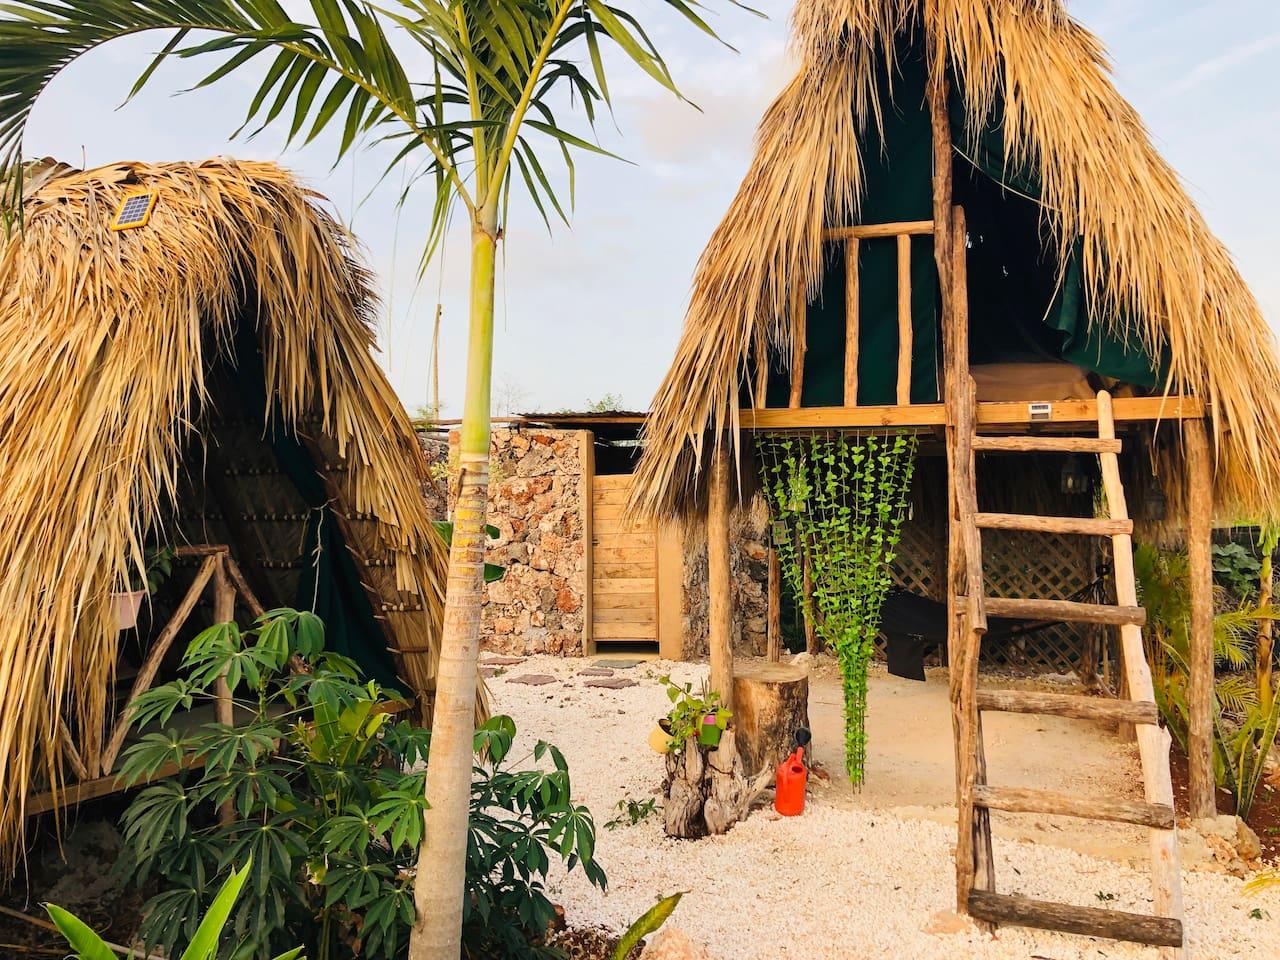 La cabaña de Caquín / La Cabaña de Mitín